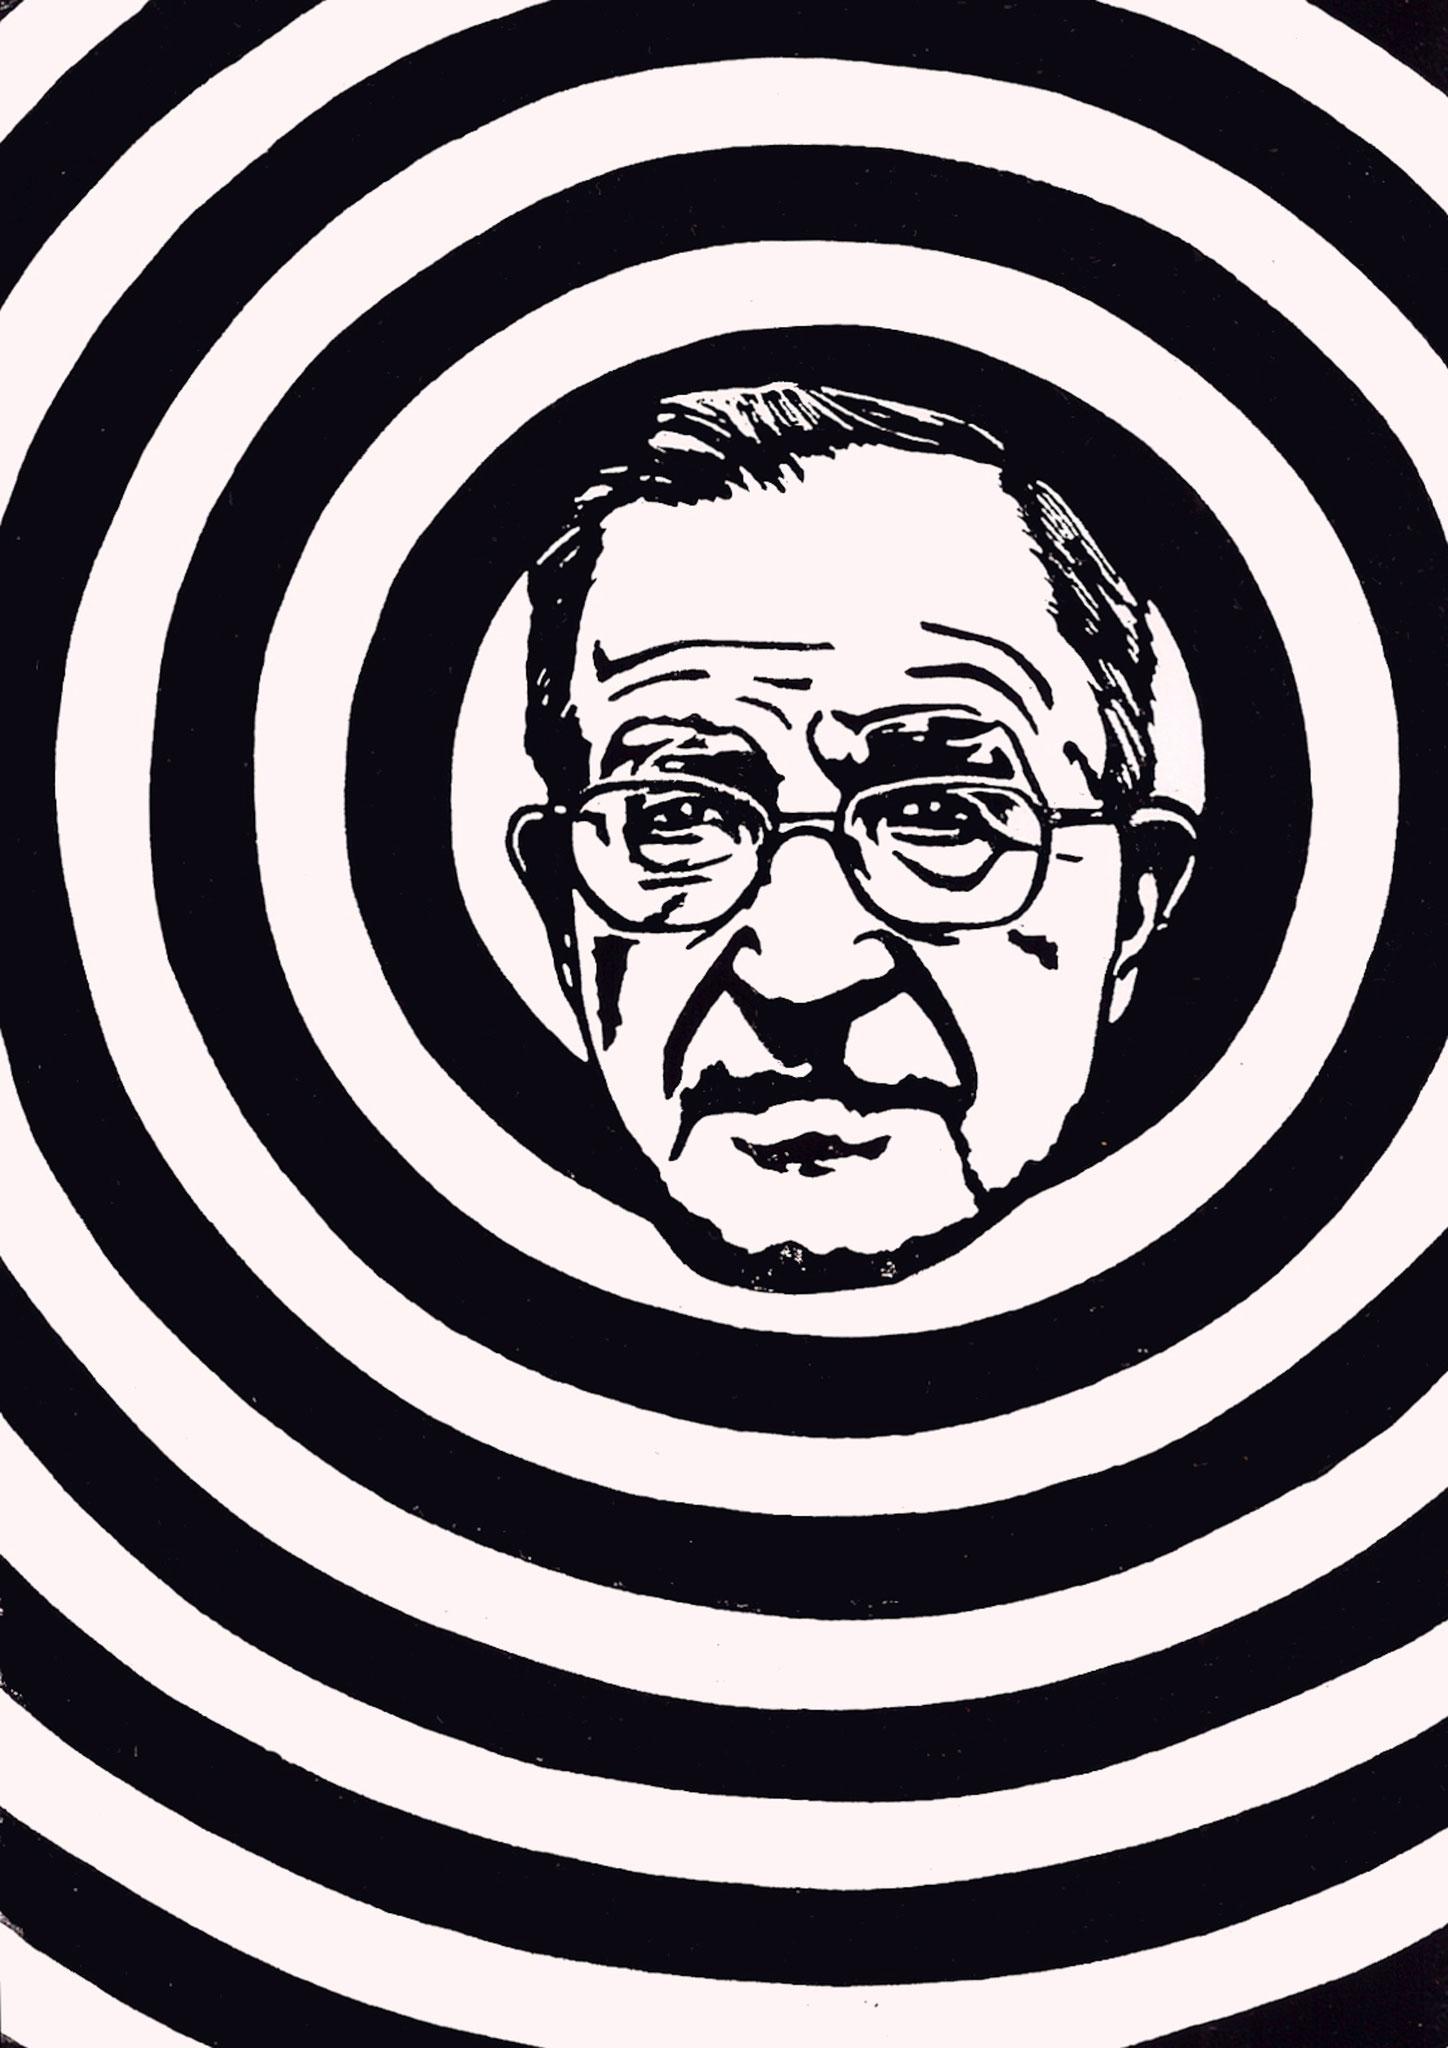 Noam Chomsky, 07/01/2018, Edition 5, A5